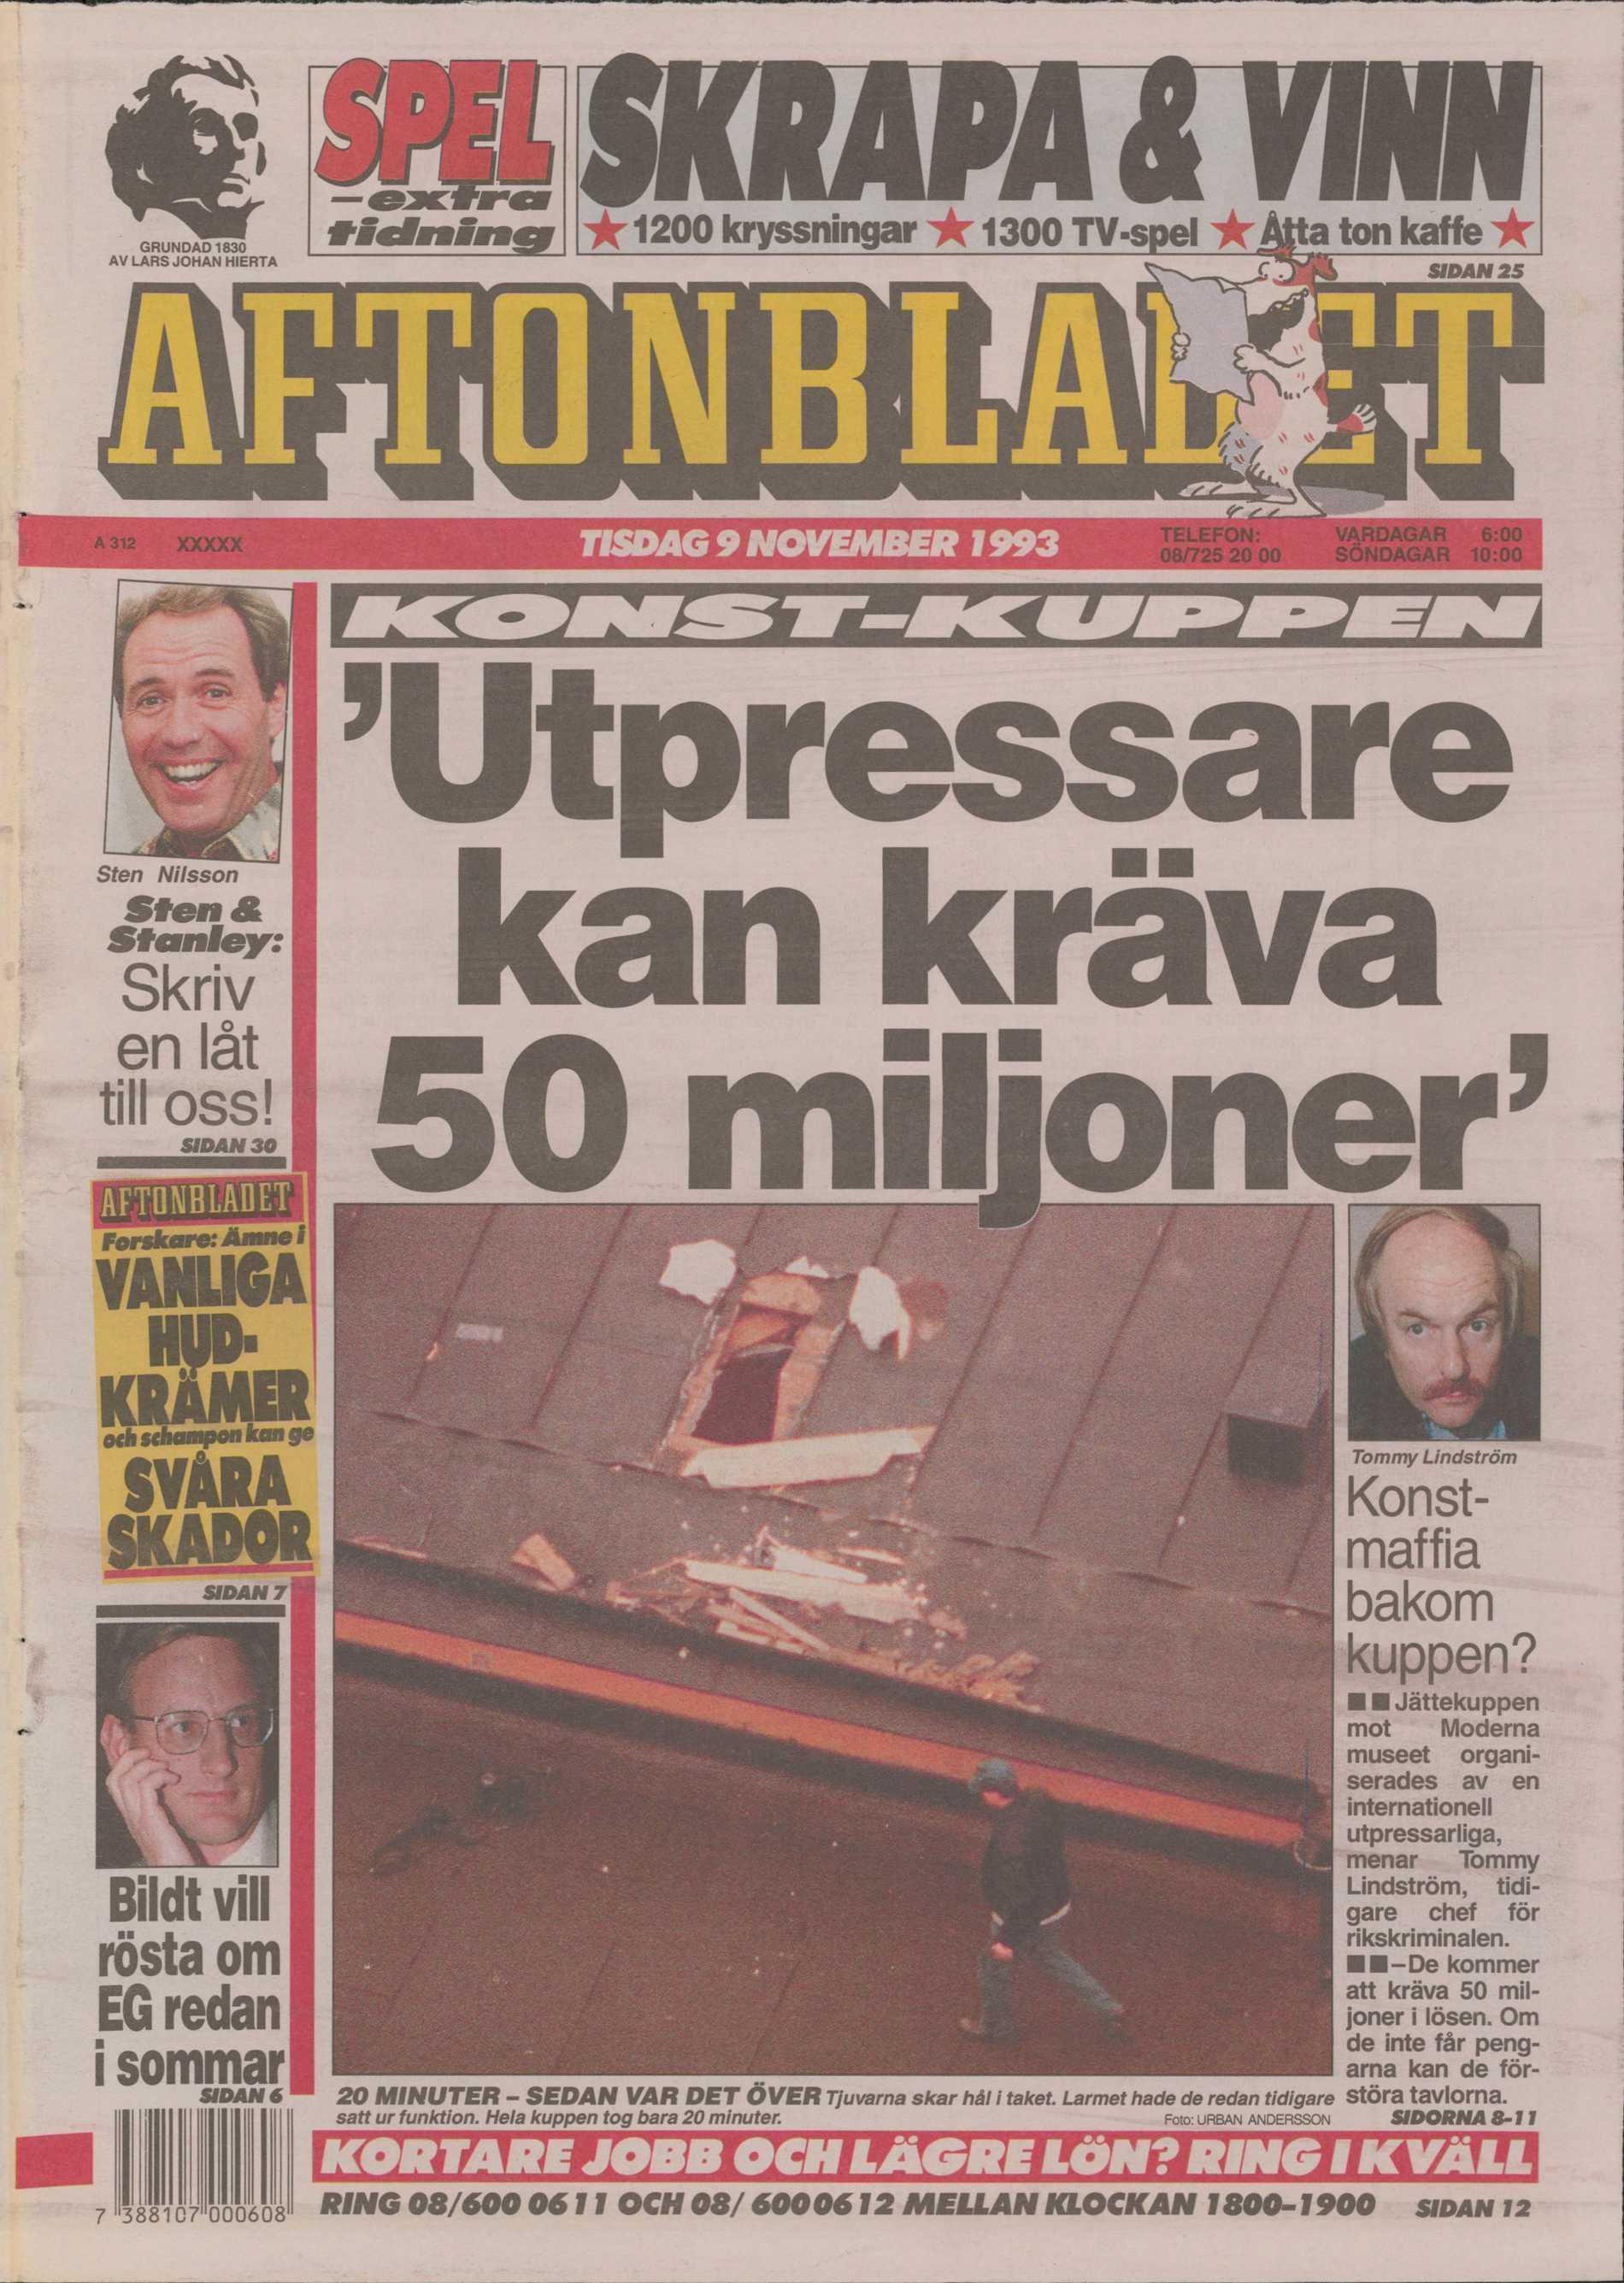 Aftonbladets förstasida tisdagen den 9 november 1993.